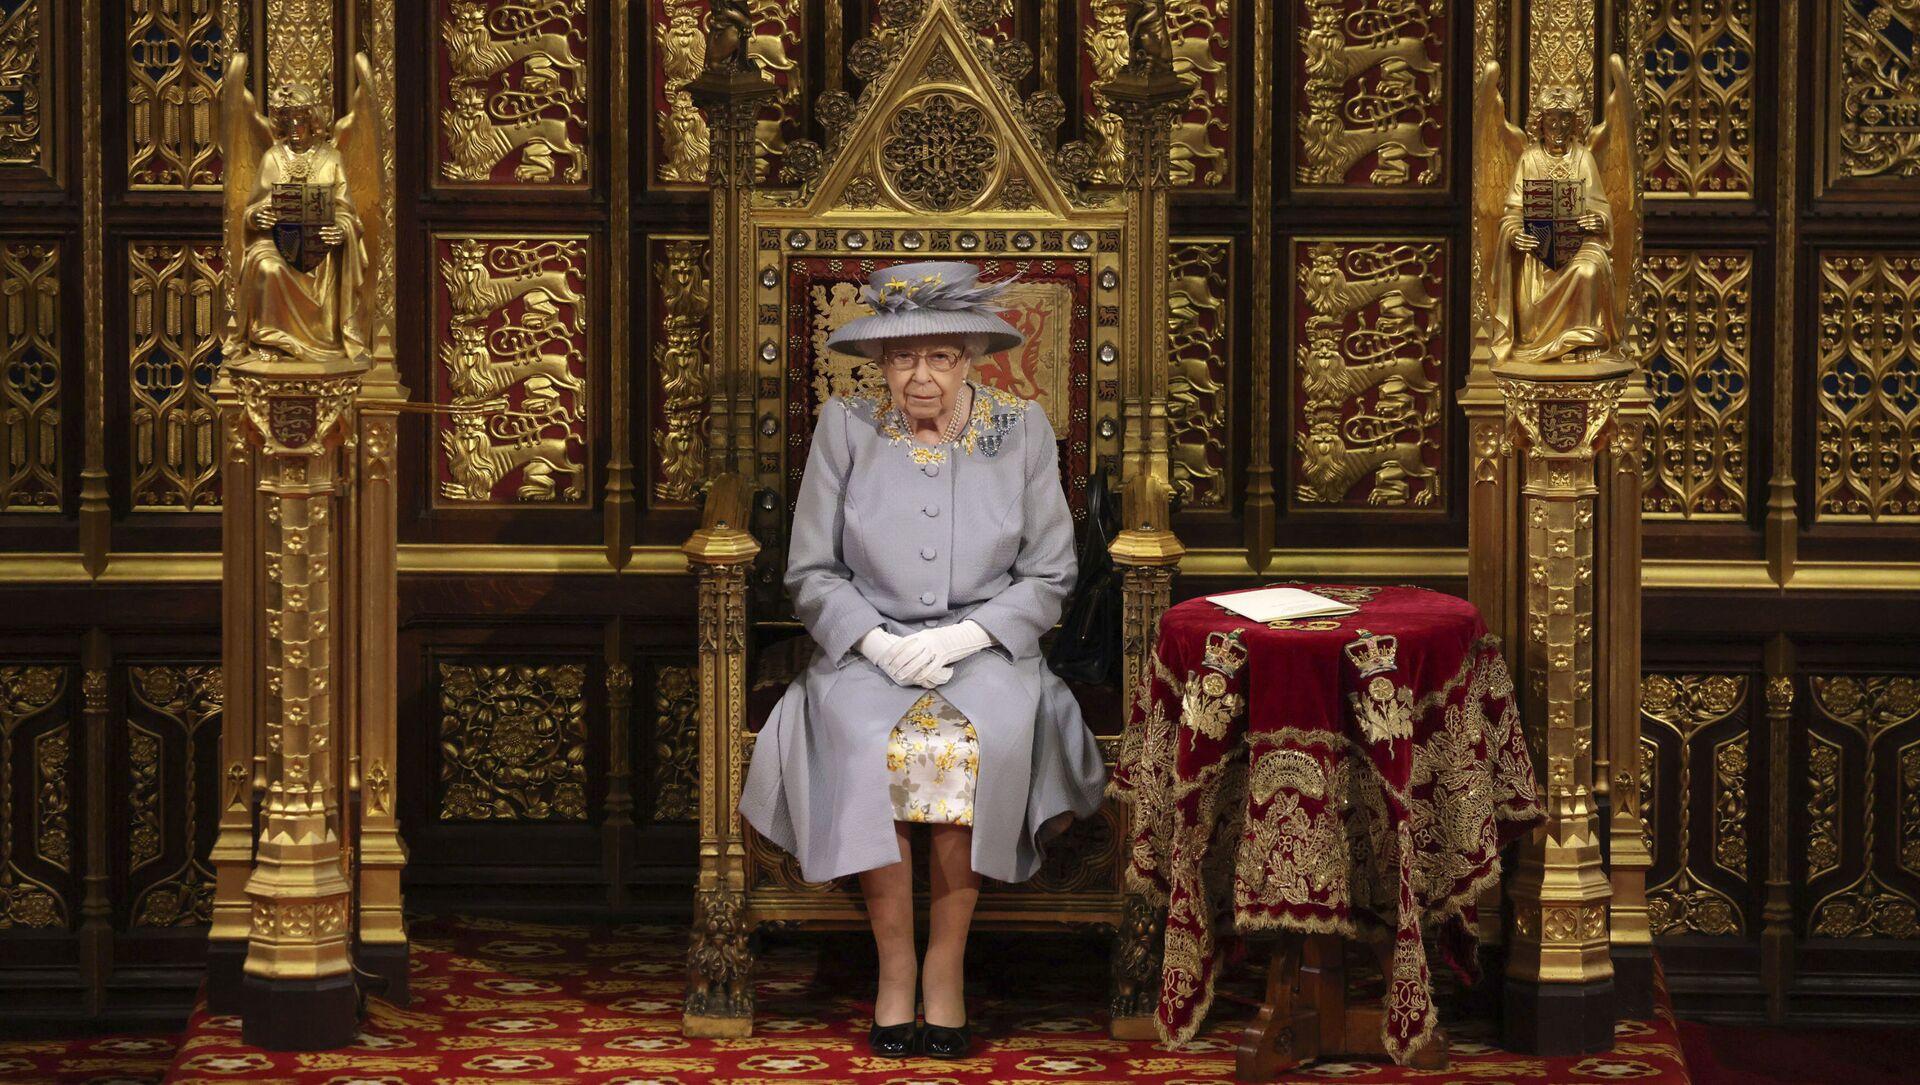 Королева Великобритании Елизавета II выступает с речью в Палате лордов в Вестминстерском дворце в Лондоне - Sputnik Азербайджан, 1920, 03.08.2021